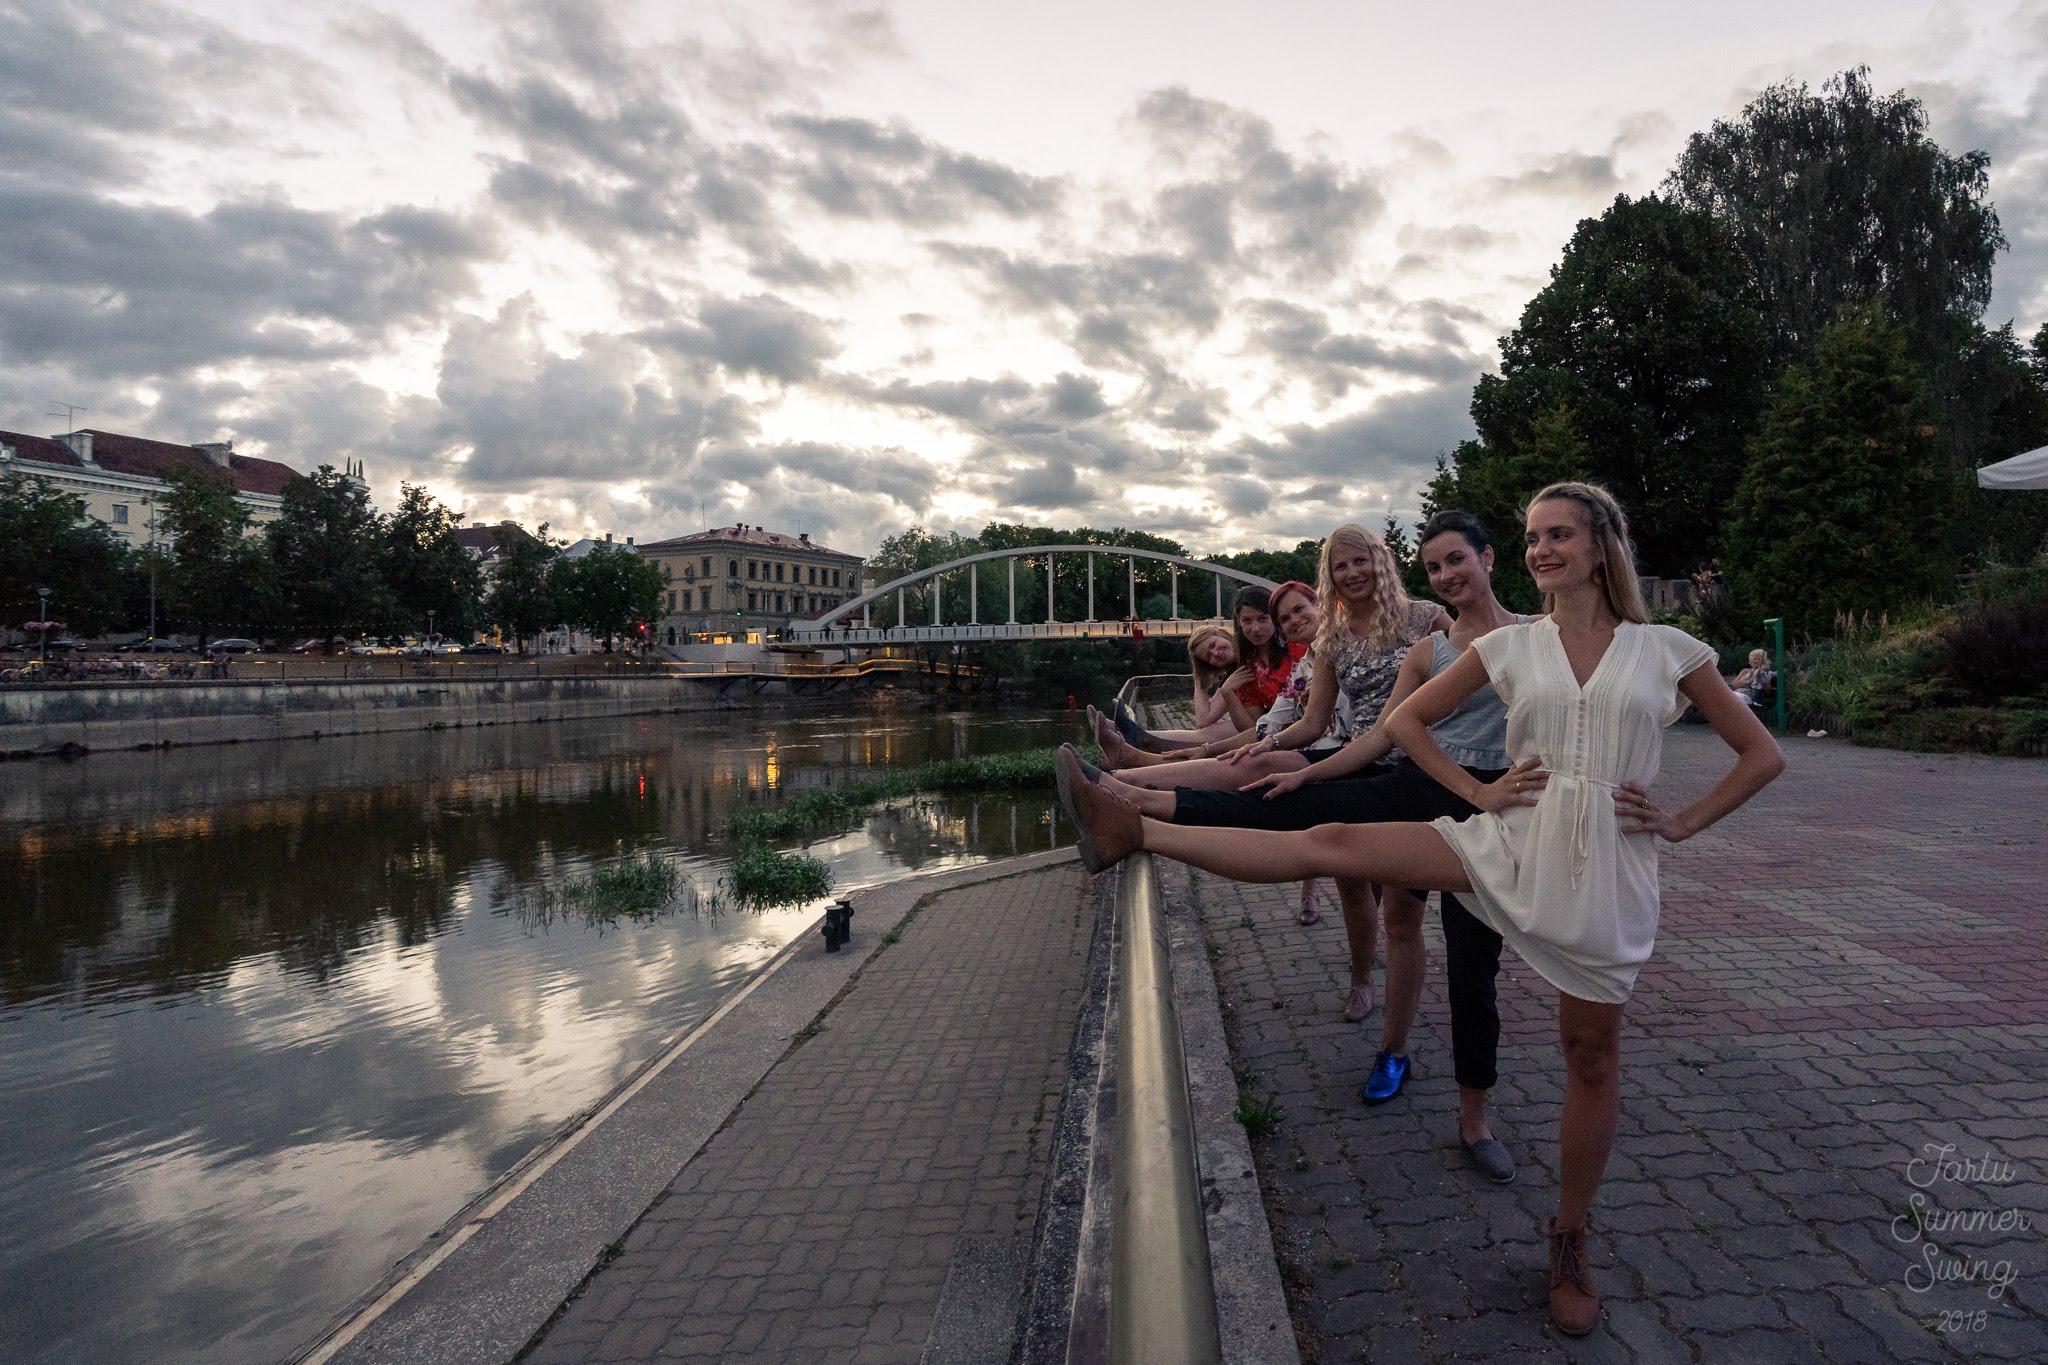 2018.08.05 - Tartu Summer Swing-0060-DSC04705 - Copy